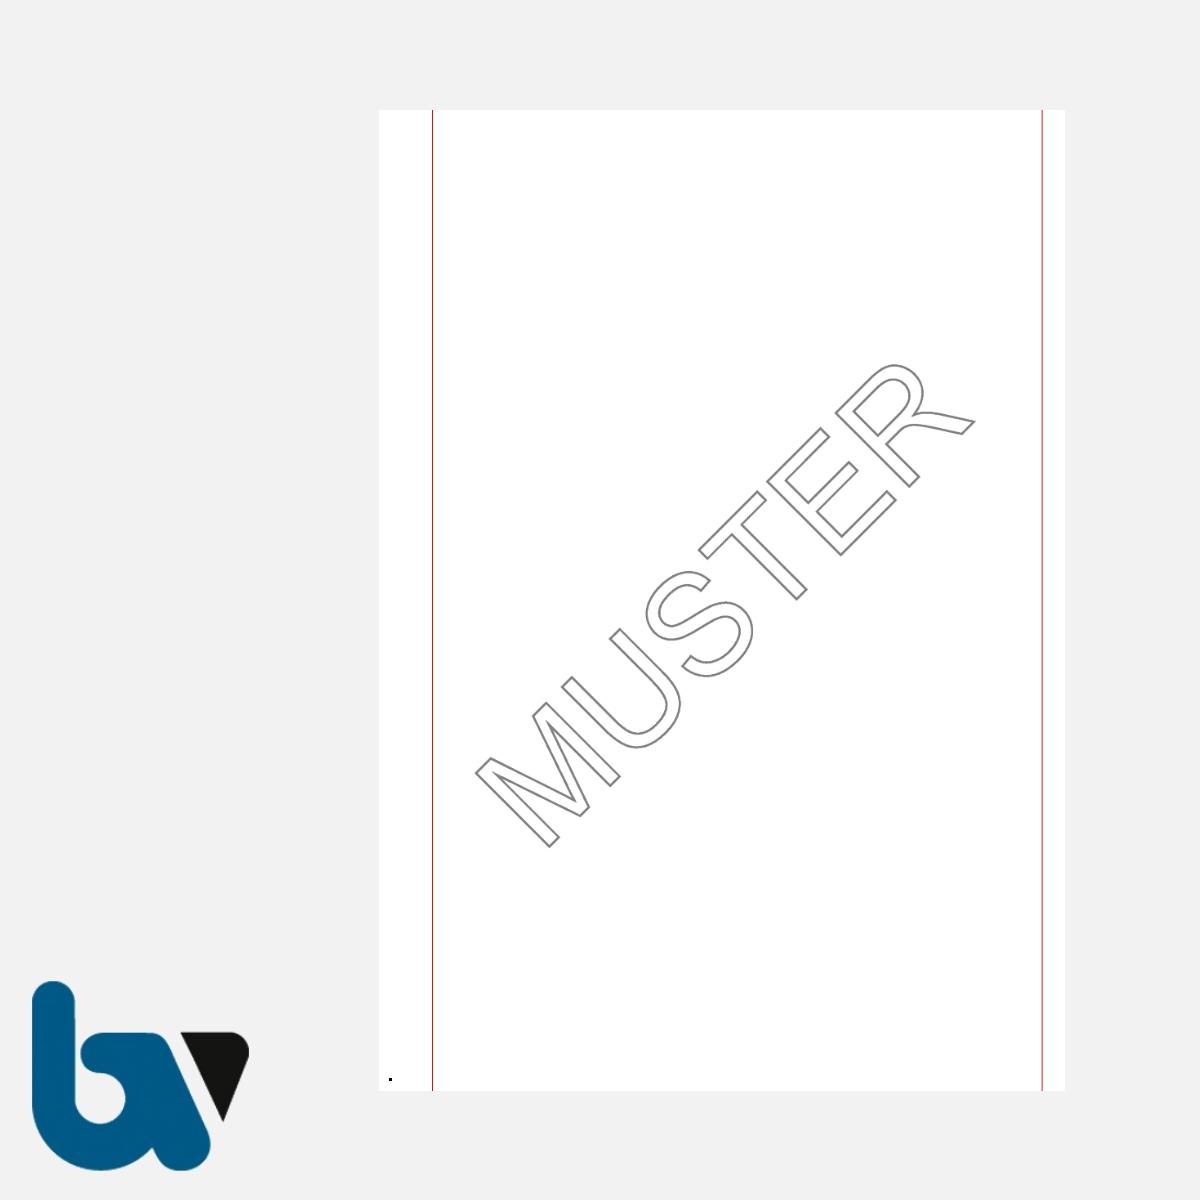 0/168-5.1us Sicherheitspapier Standesamt Personenstand Urkunde Kopierschutz Scanschutz Dokument Security ungelocht rot Schmuckrand Stammbuch 130 200 | Borgard Verlag GmbH